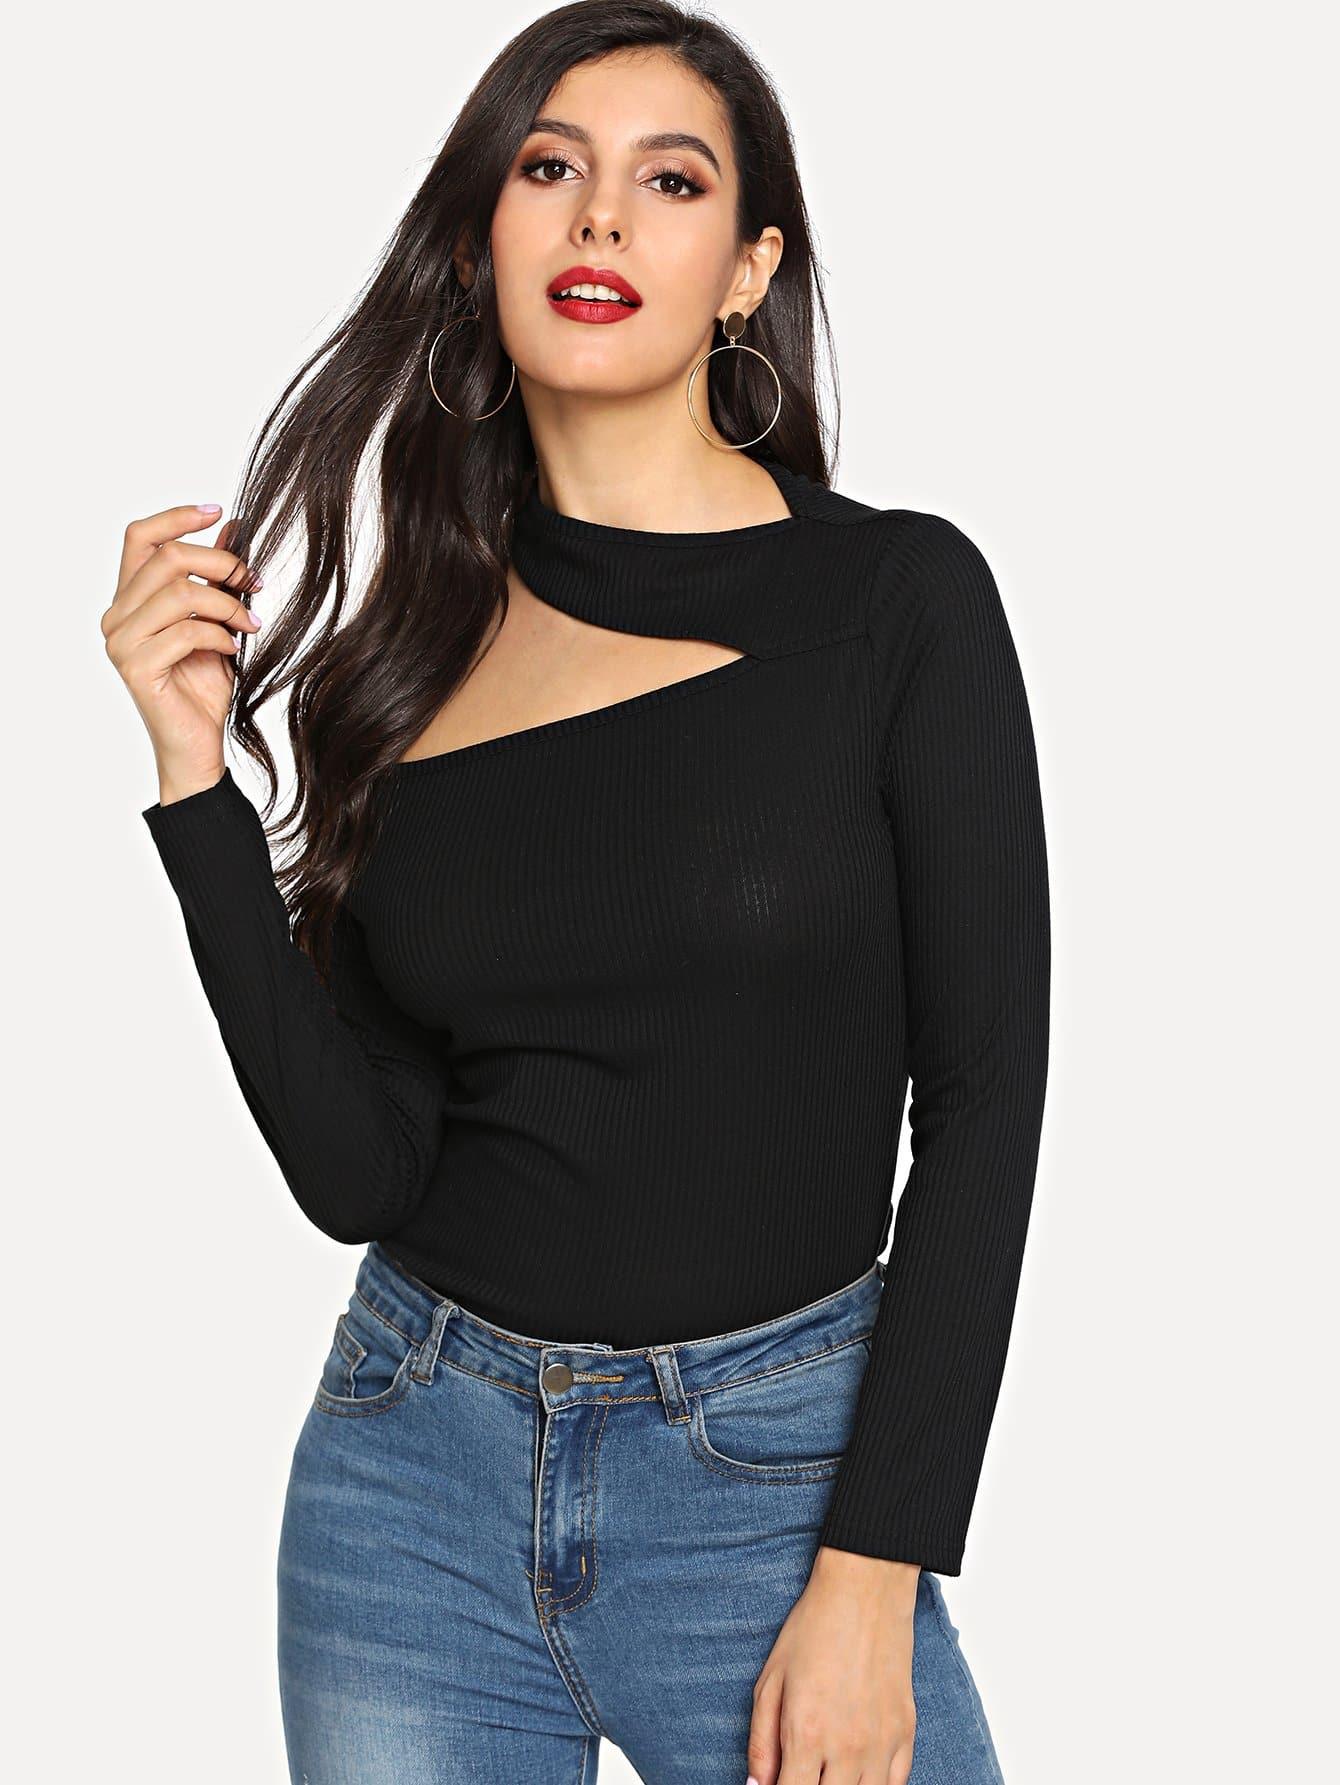 Купить Простая футболка с открытыми плечами, Jeane, SheIn